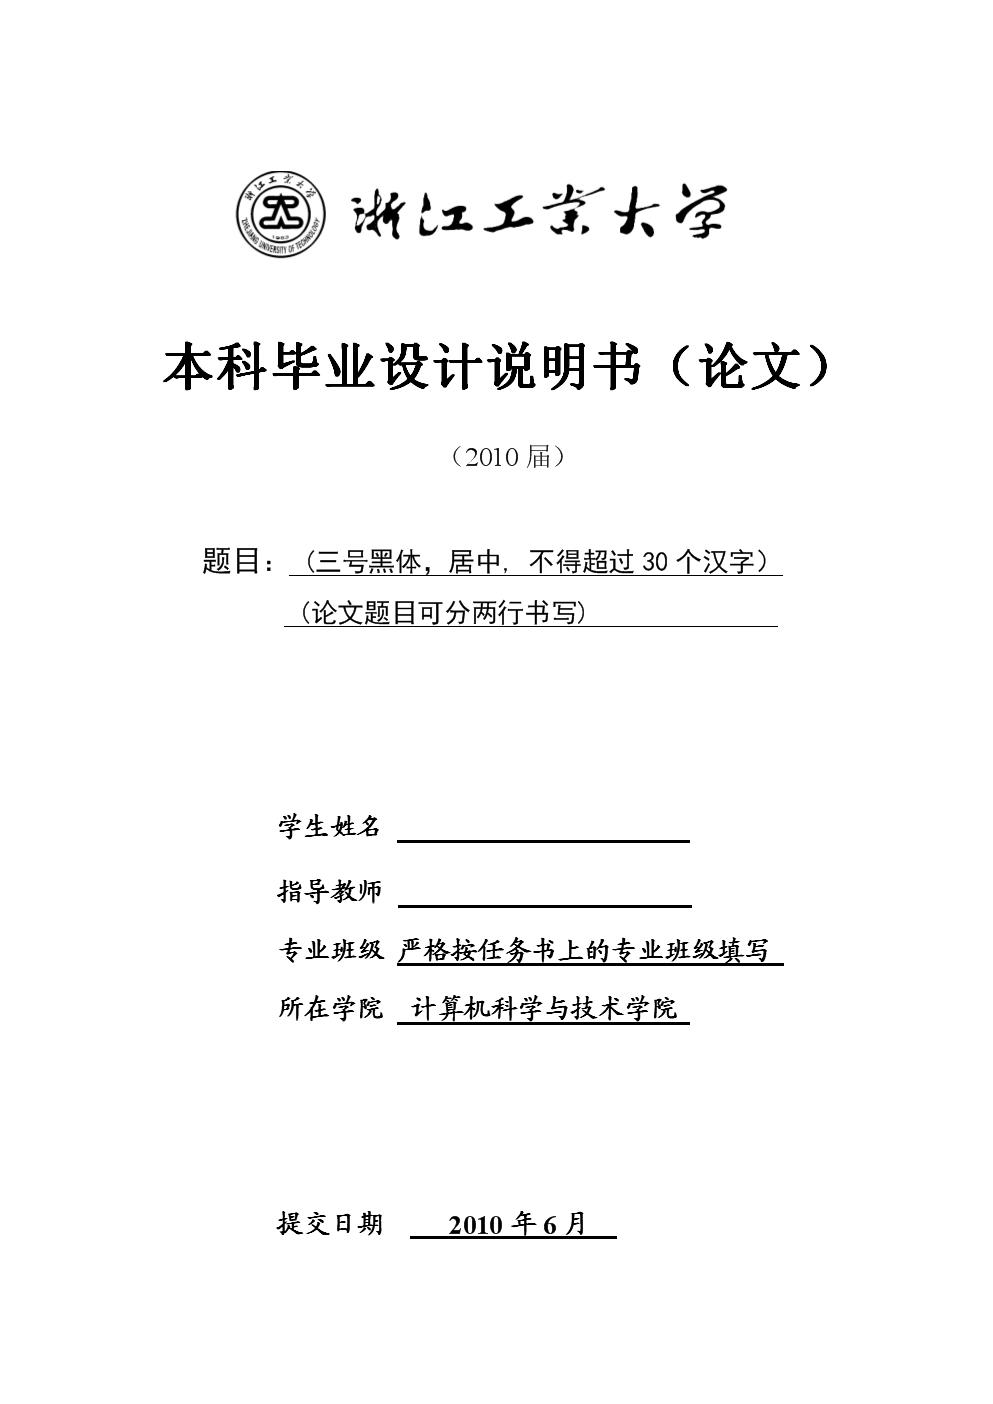 计算机科学和技术学院本科毕业论文格式模板.doc